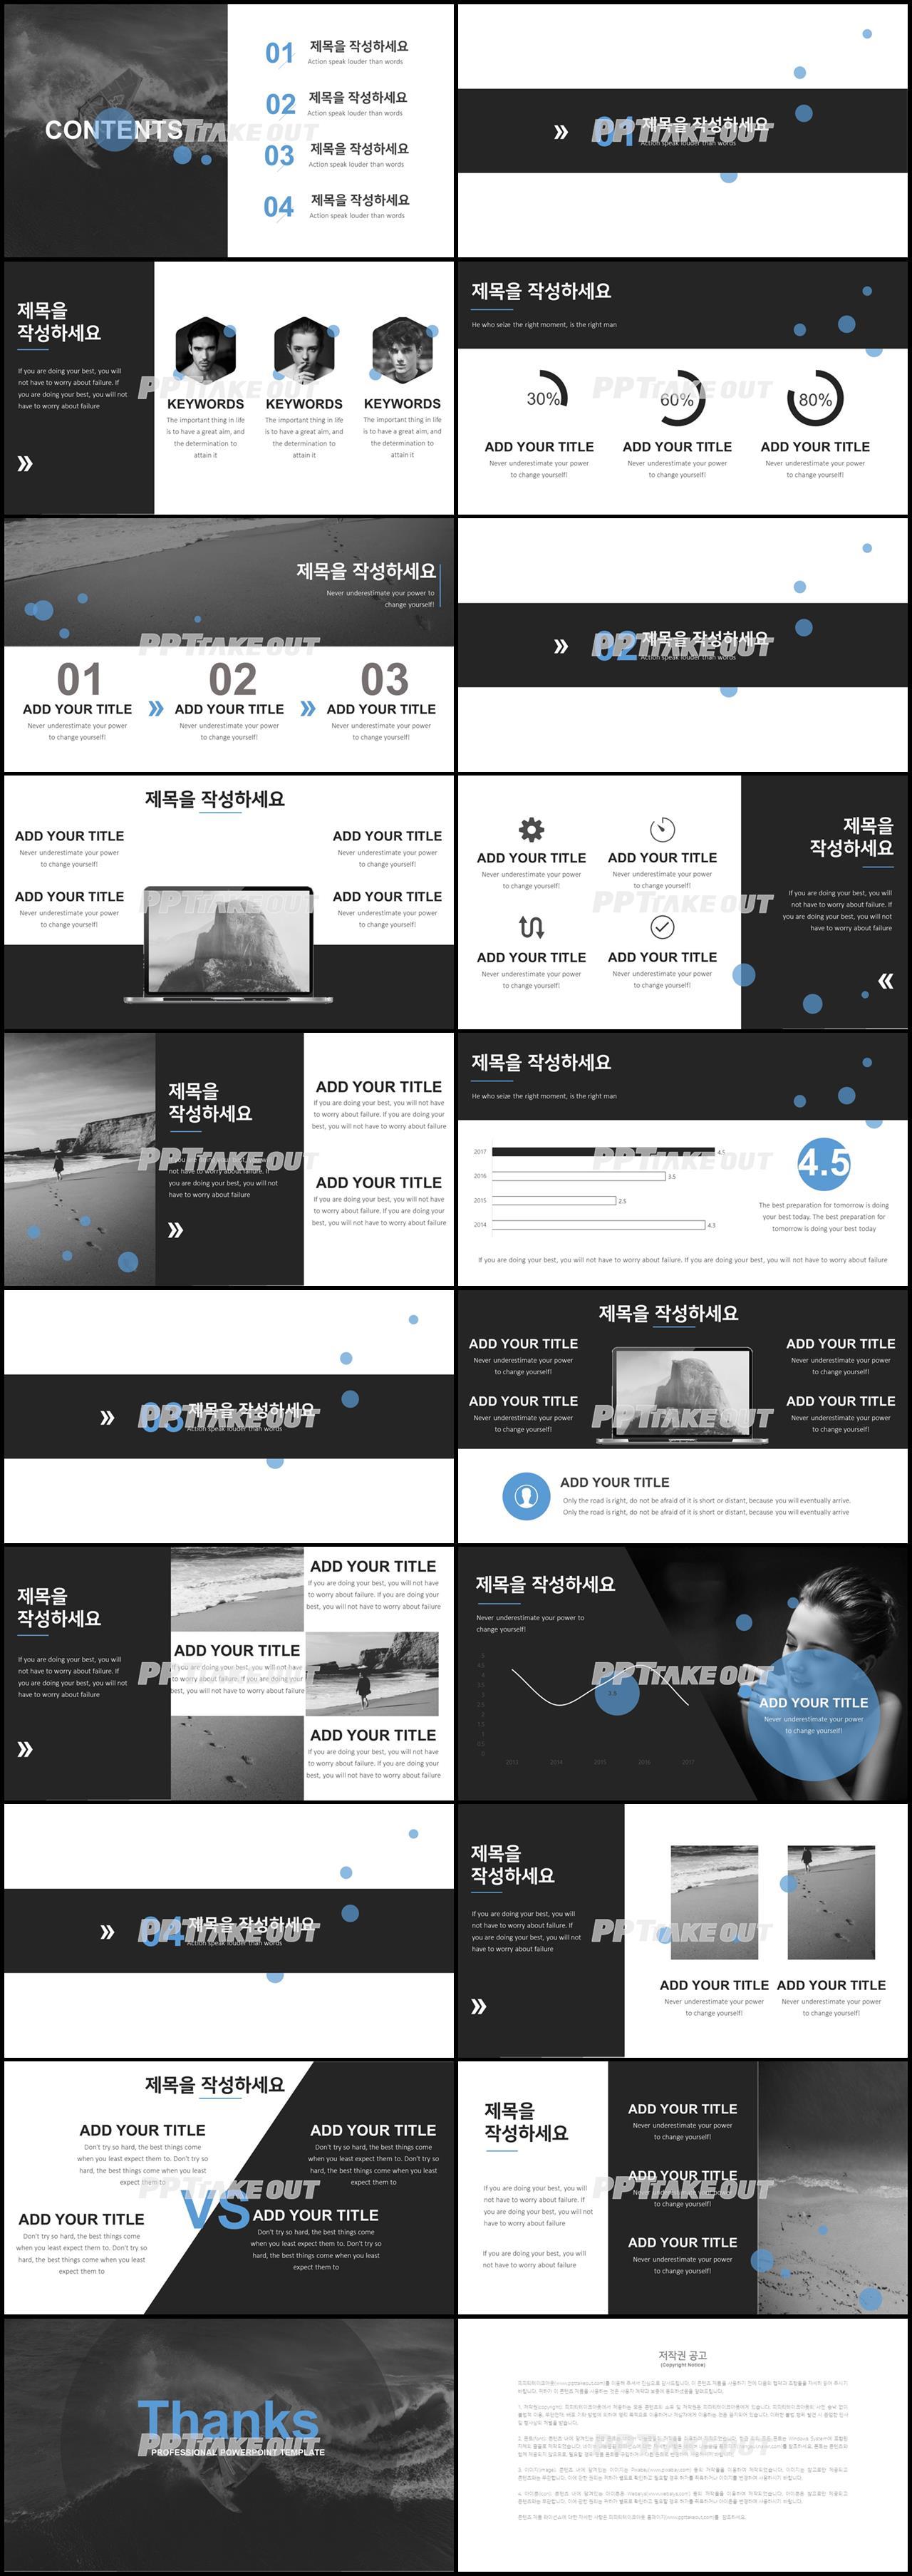 경제금융 검정색 캄캄한 발표용 피피티탬플릿 다운 상세보기